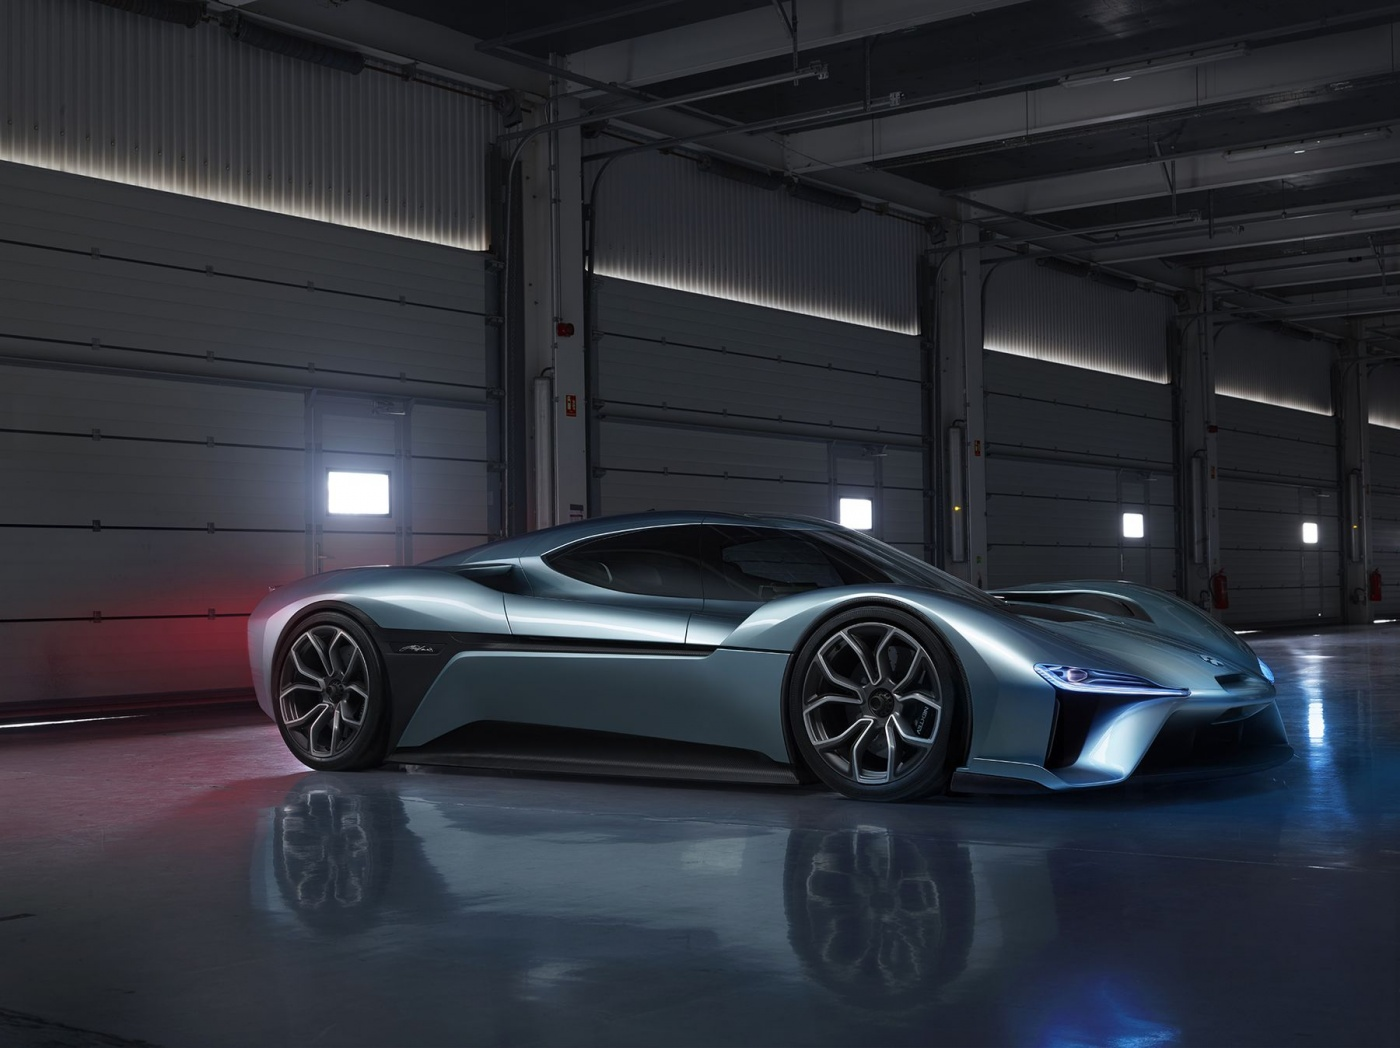 La voiture chinoise NextEV NIO EP 9 (1390 ch !) est devenue la voiture électrique la plus rapide du monde avec un tour du Nordschleife claqué en 7 minutes et 5 secondes. Pour voir la bête en action, c'est ici : https://youtu.be/fJD-Ip1meuE. A toi de jouer Tesla !